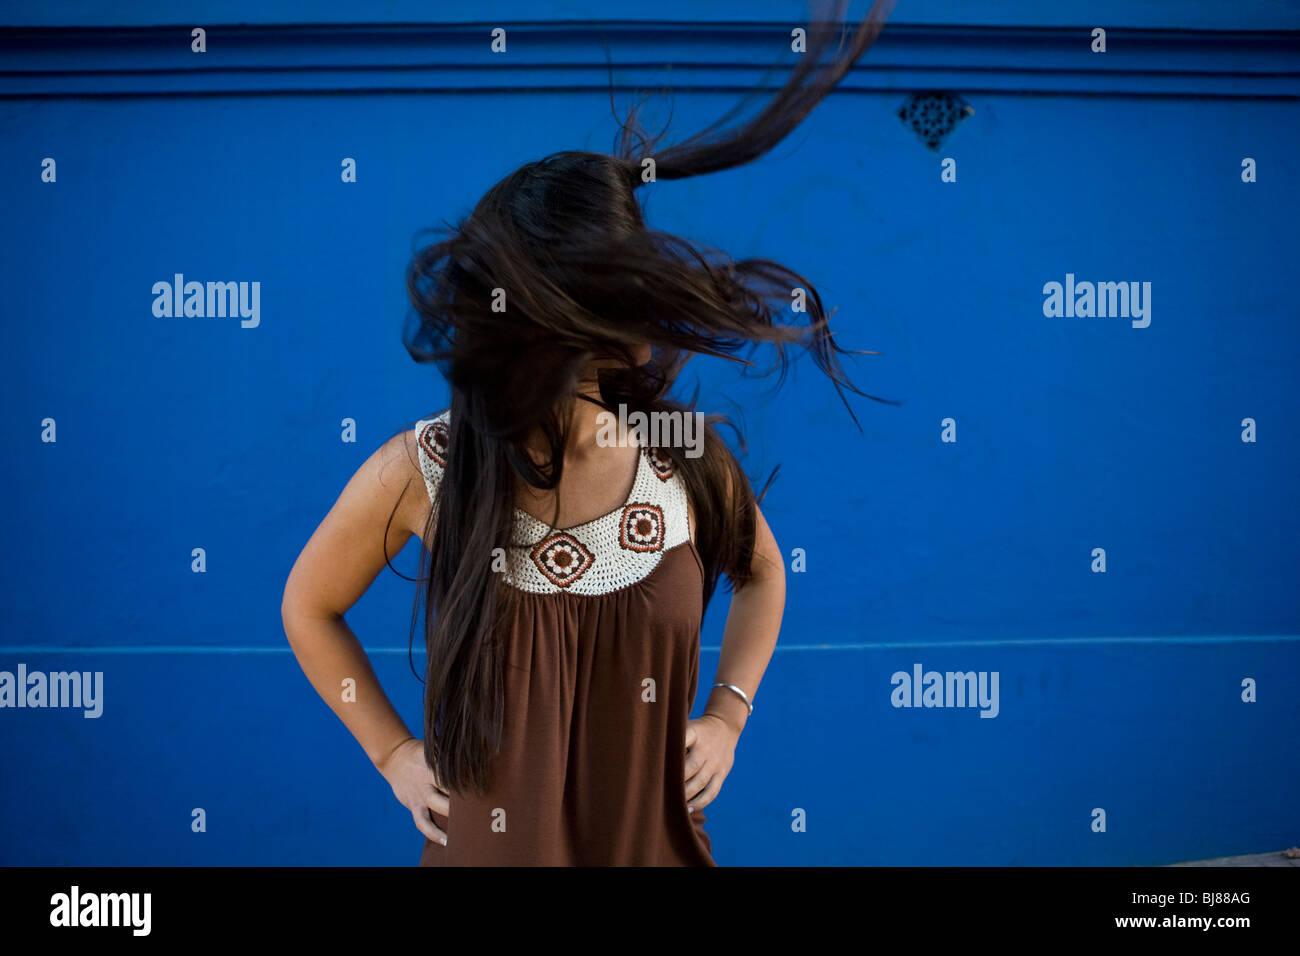 Frau mit wild, lange, dunkle, gerade, lose Haare wehen im wind Stockbild